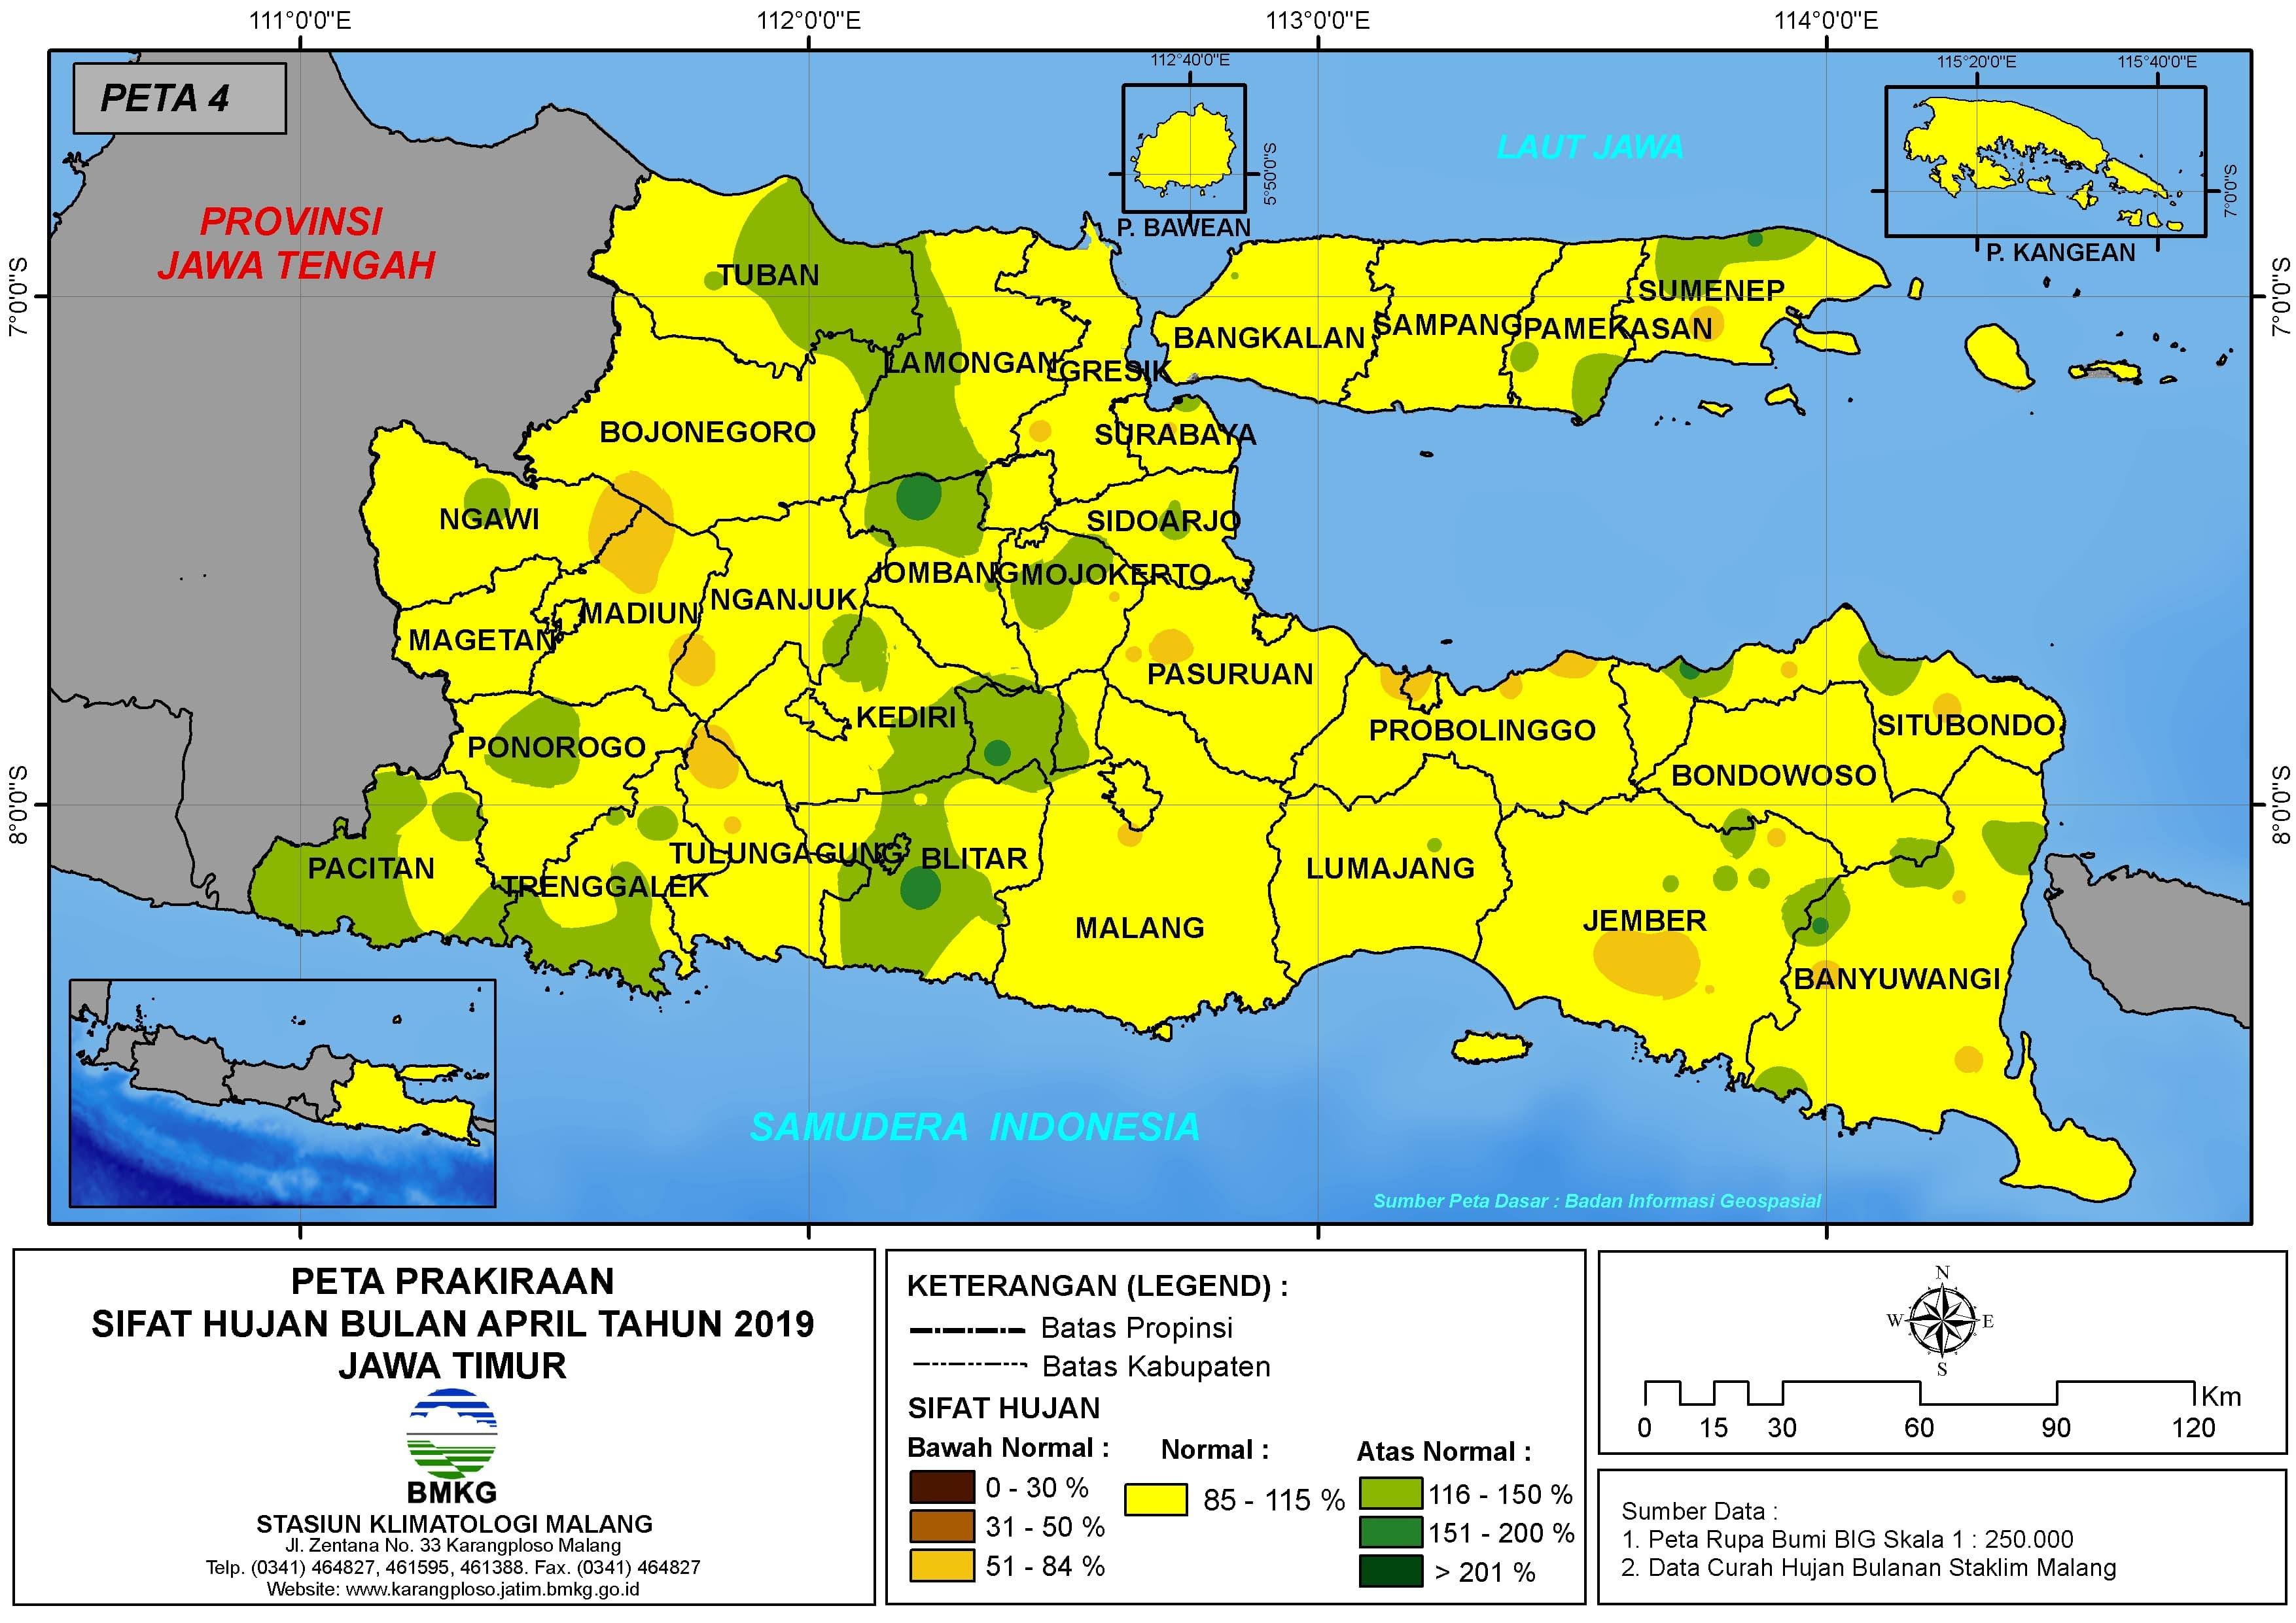 Prakiraan Sifat Hujan Bulan April Tahun 2019 di Provinsi Jawa Timur Update dari Analisis Bulan Februari 2019